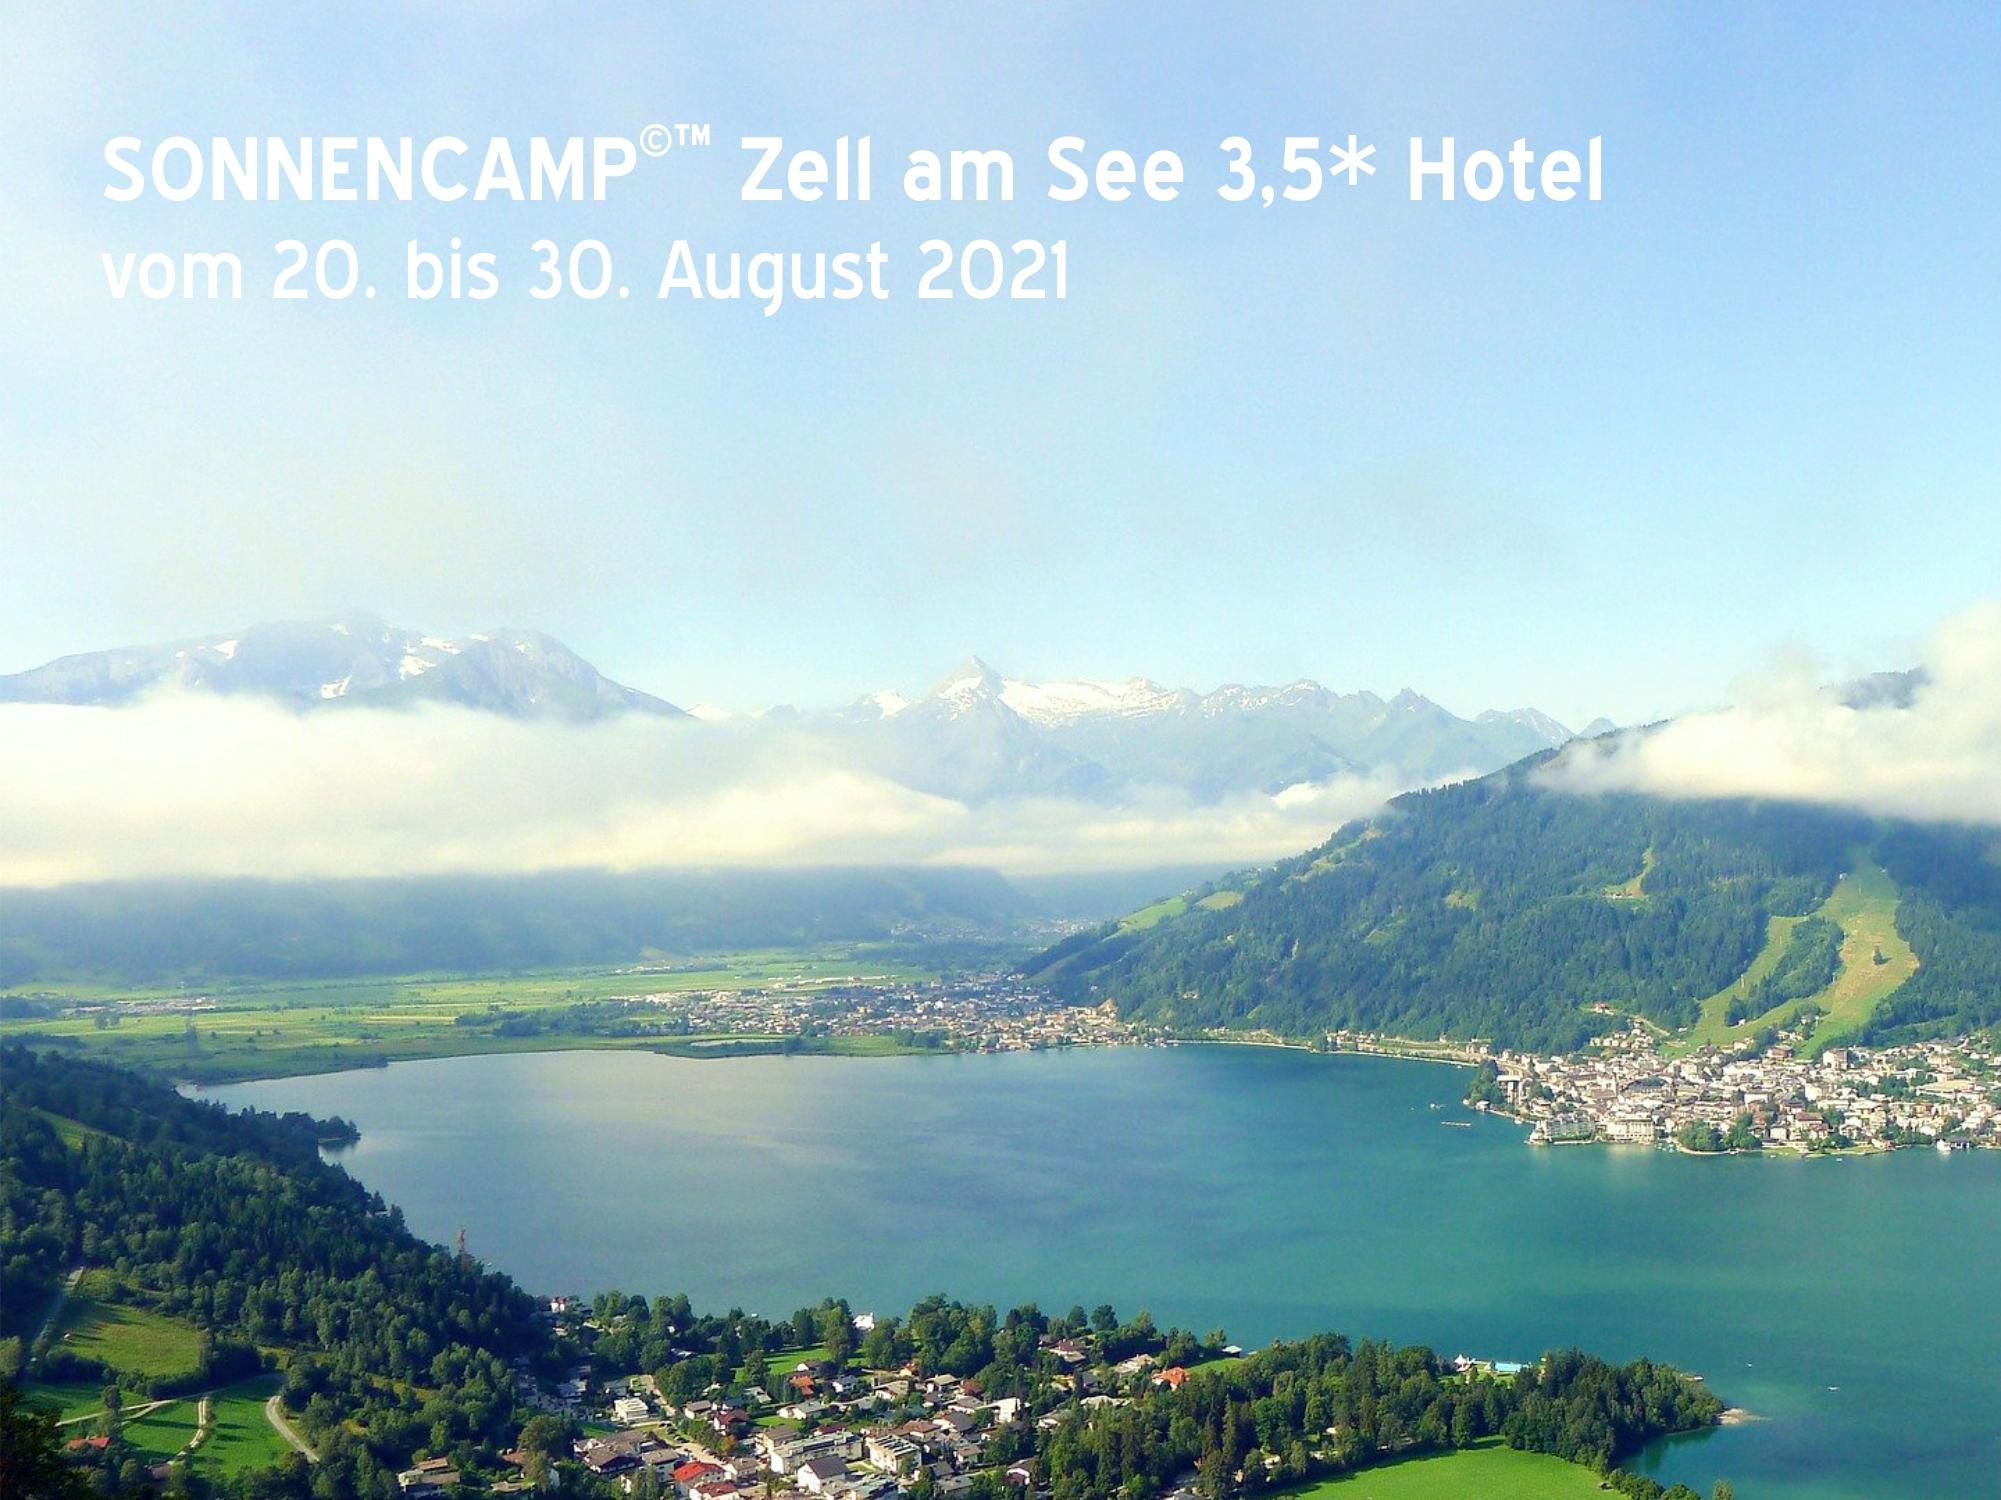 SONNENCAMP©™ Zell am See - im 3,5* Hotel   20.08. - 30.08.2021   Gesamtbetrag 1510,00€